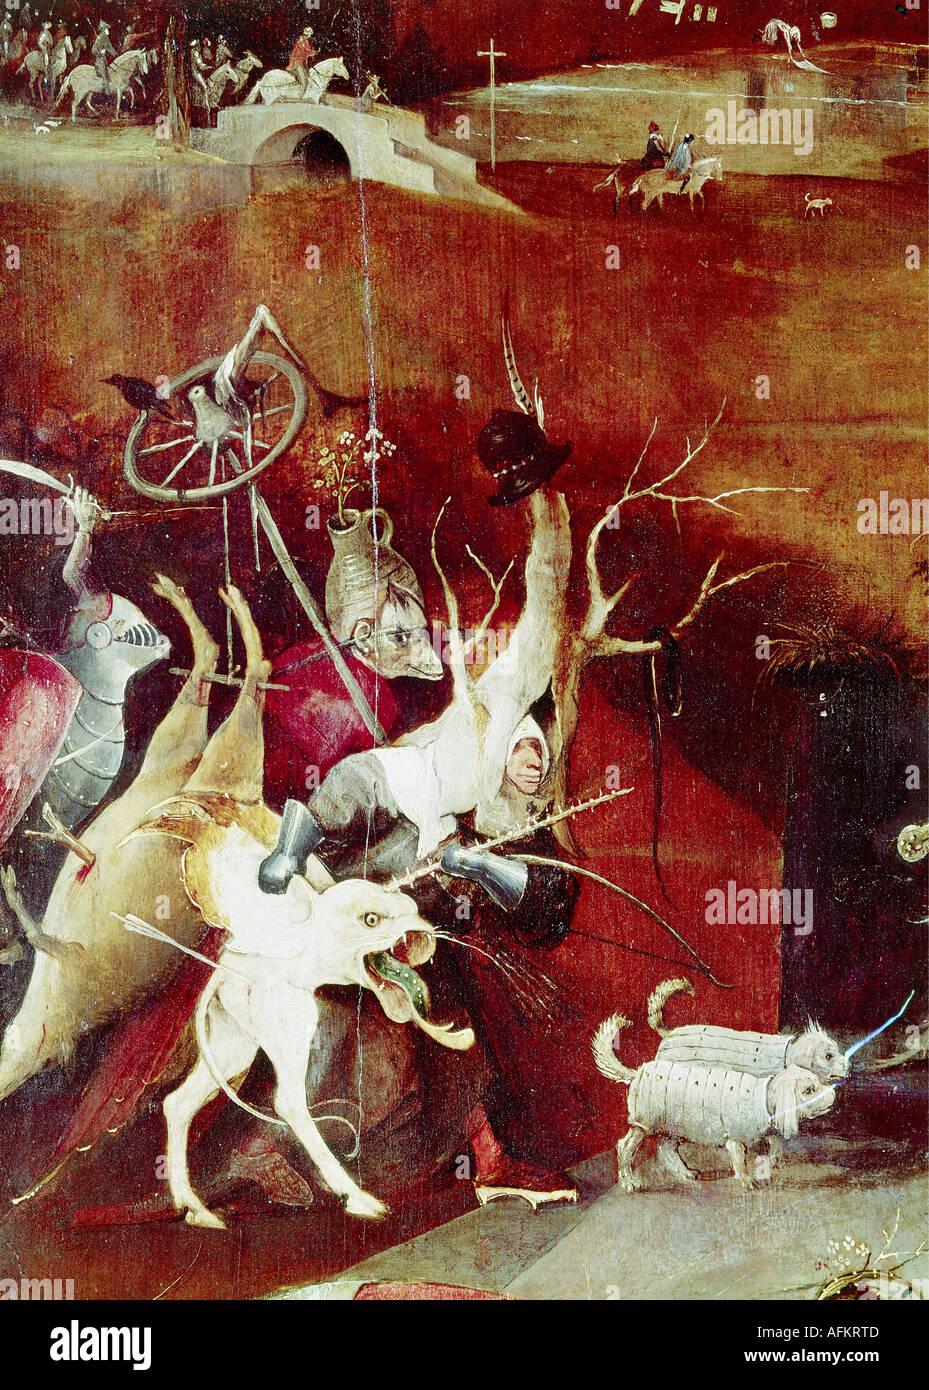 """""""Bildende Kunst, Bosch, Hieronymus (ca. 1450-1516), Malerei,""""die Versuchung des Heiligen Antonius"""", Stockbild"""